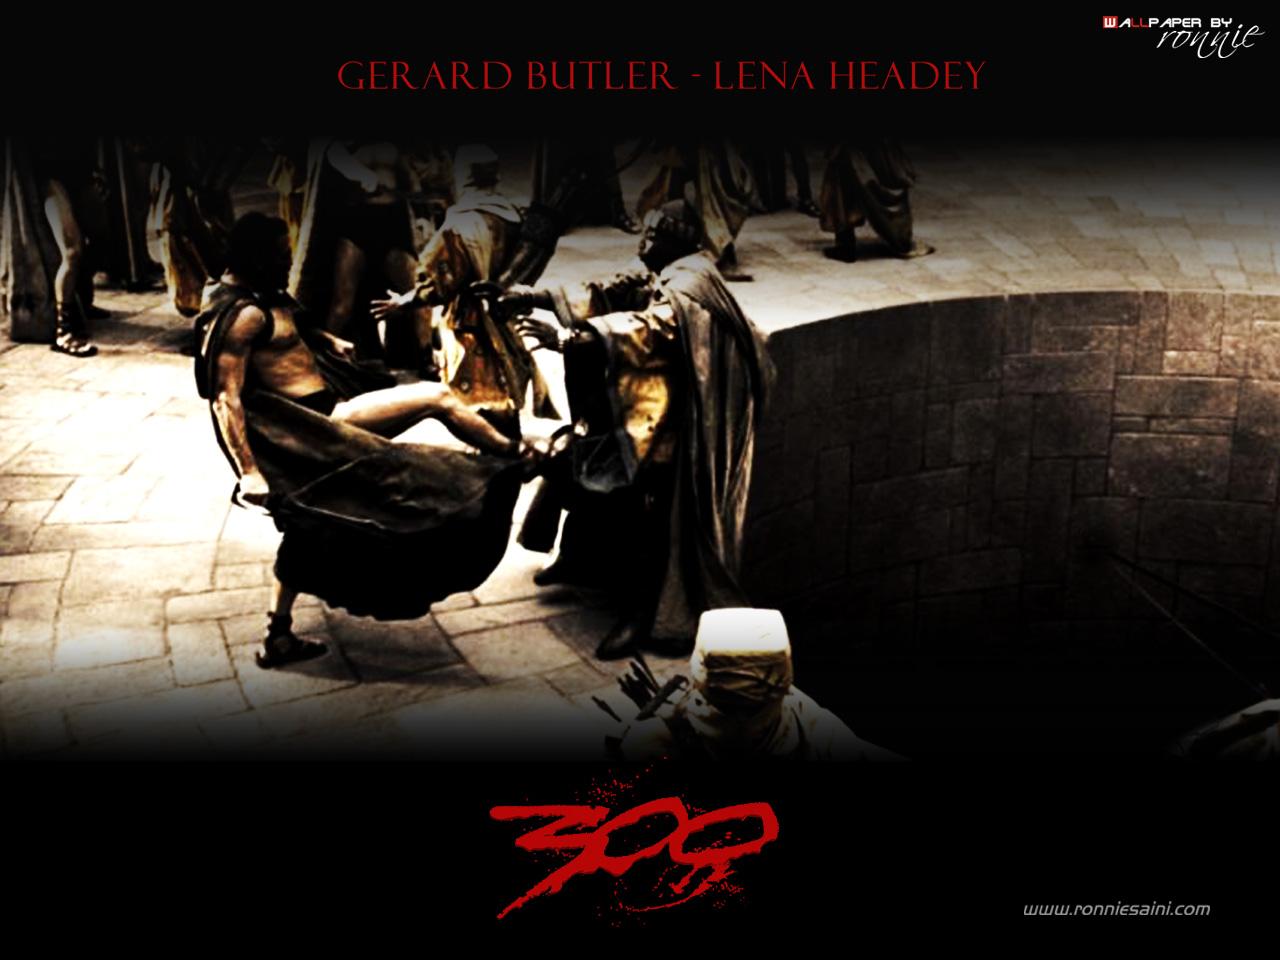 http://3.bp.blogspot.com/-h2lmpnxkgi0/T6EzLAJmLrI/AAAAAAAACM8/tkKbmrtd-sQ/s1600/300-Wallpaper-06.jpg